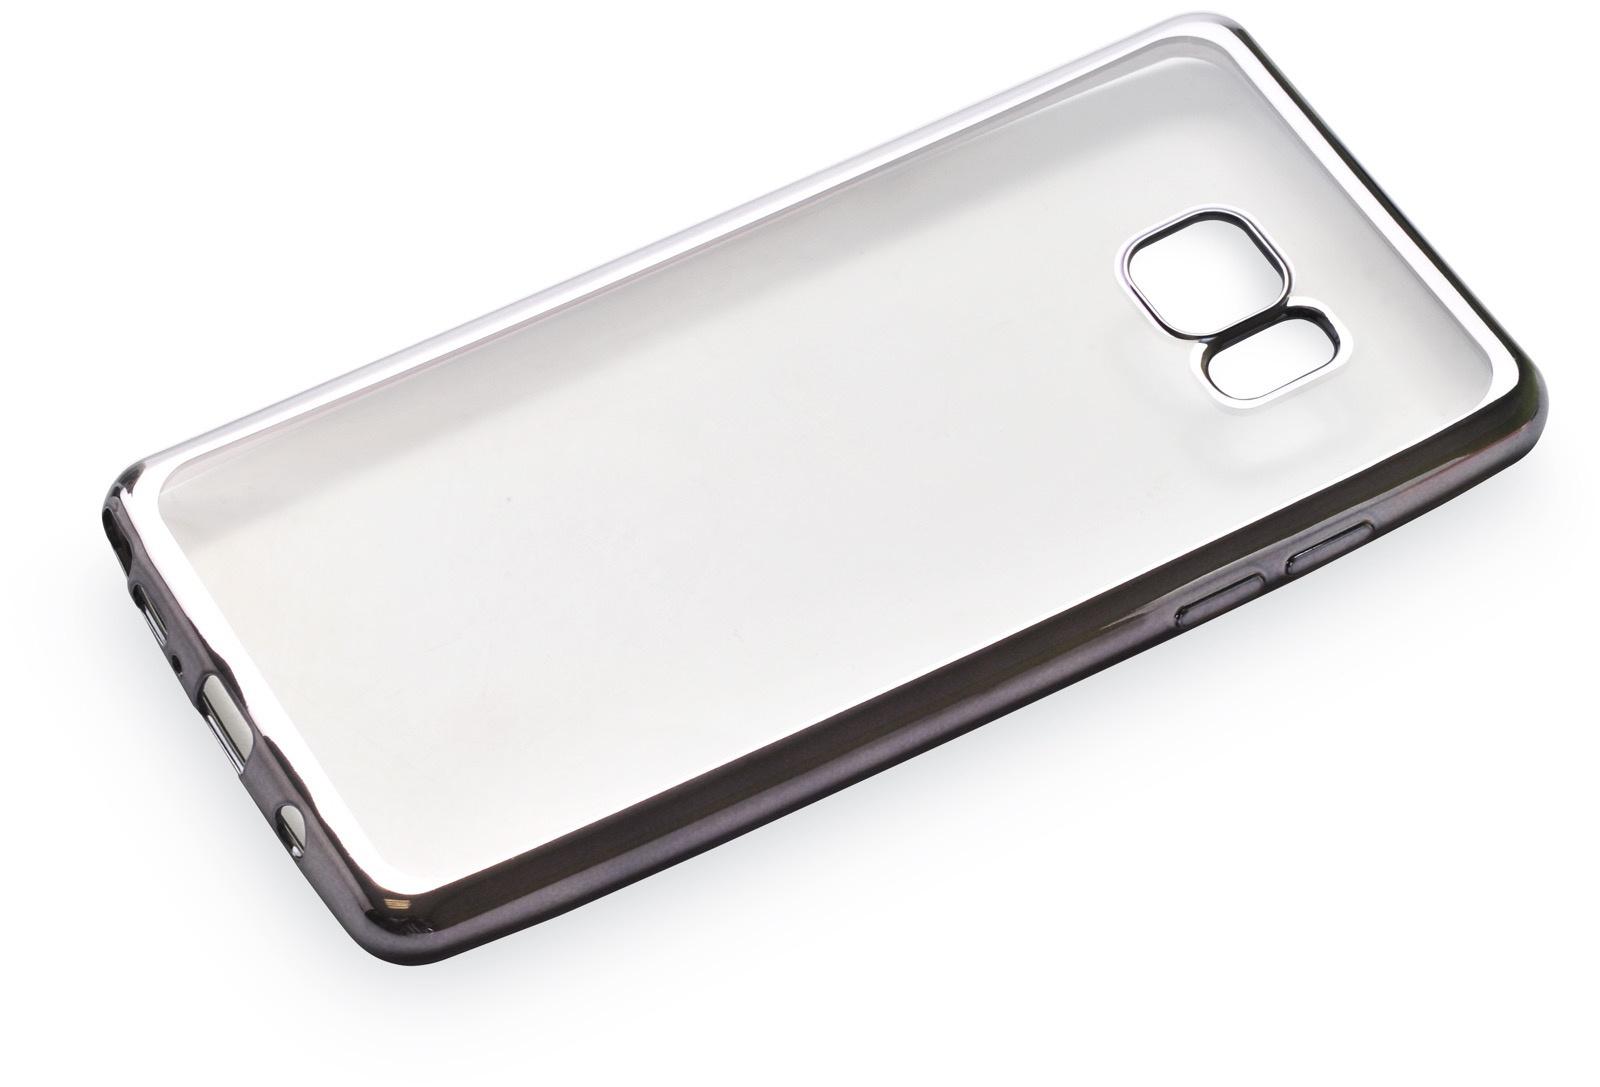 Чехол для сотового телефона iNeez накладка силикон с рамкой grey для Samsung Galaxy Note 7, прозрачный